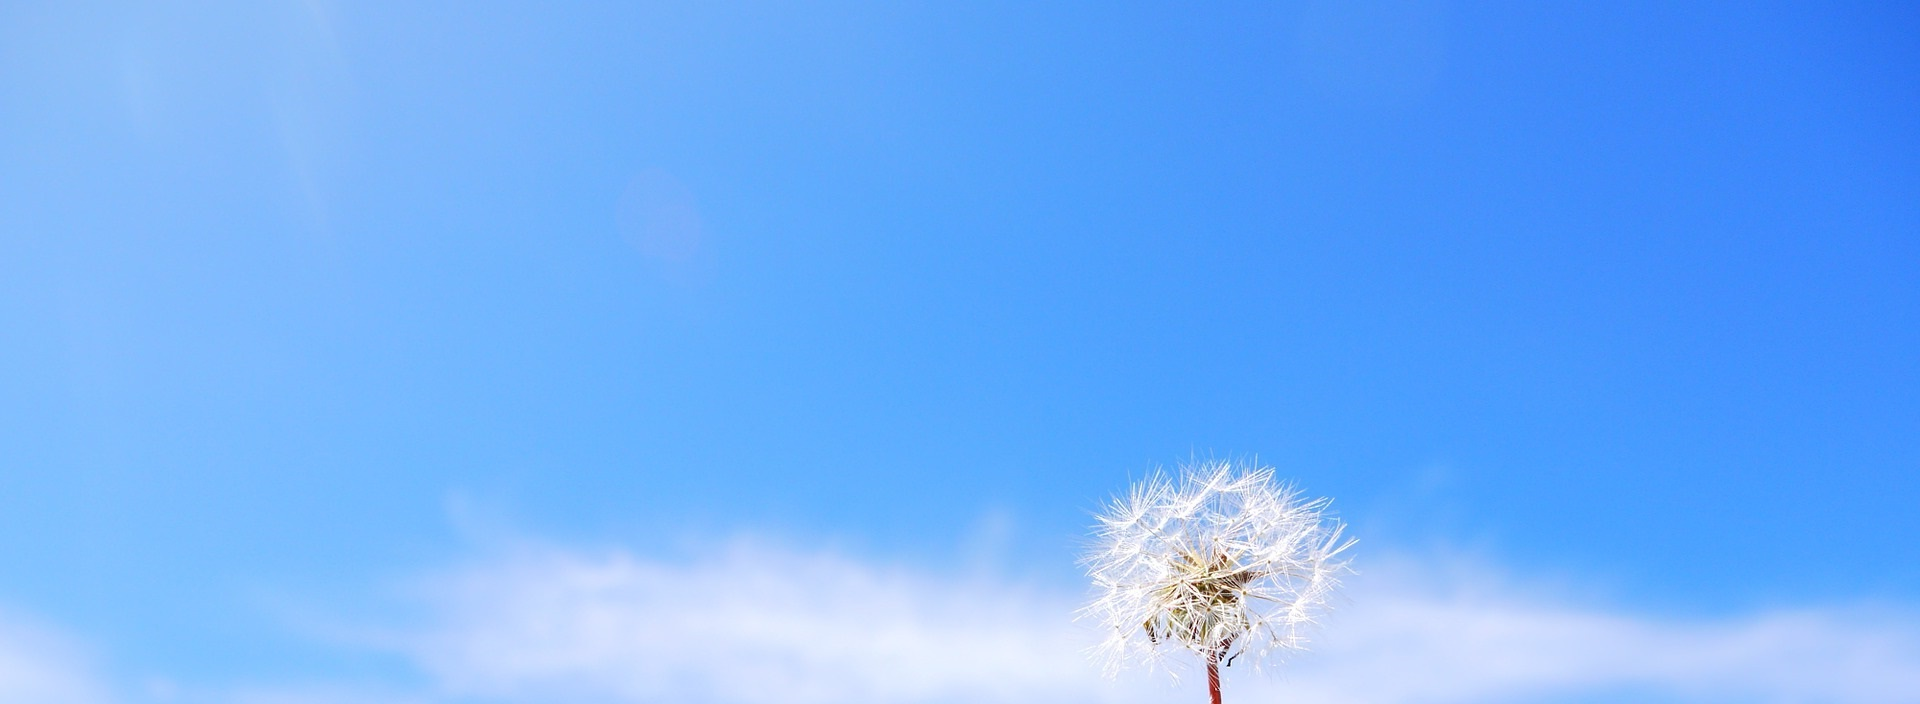 Blå bakgrundsbild, lite moln med maskrosblomma.